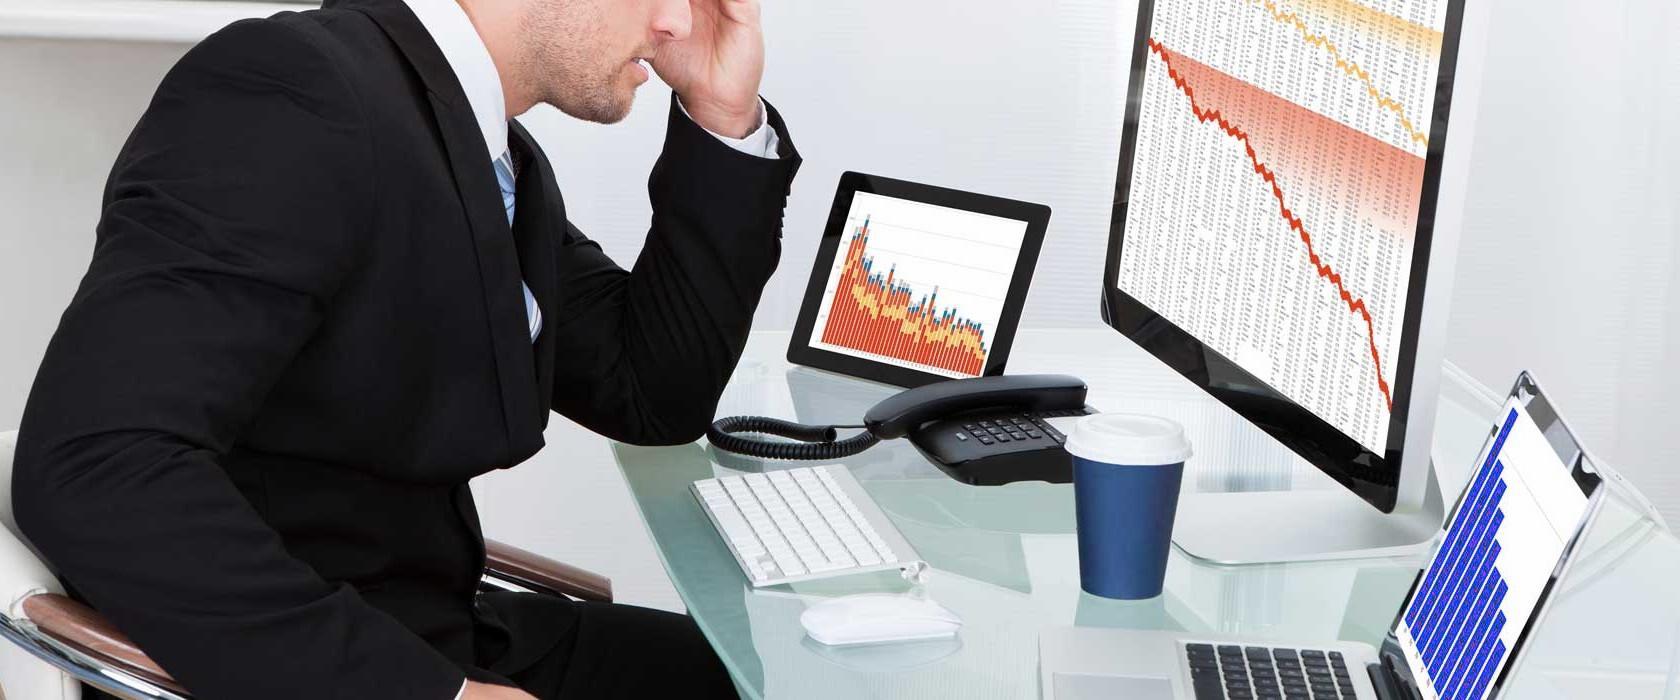 как проверить на банкротство организацию